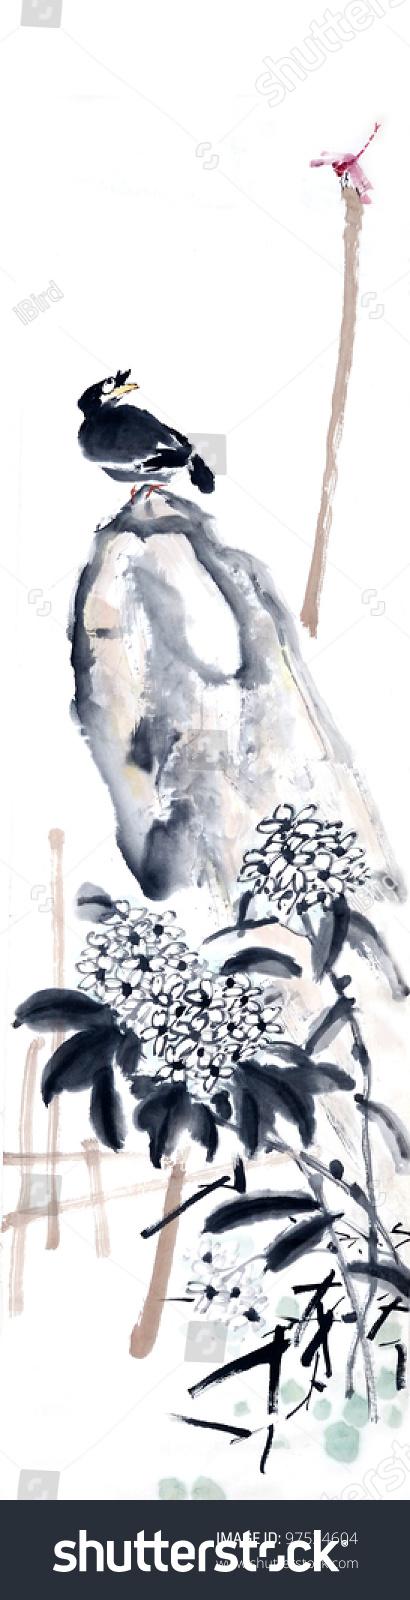 传统的中国水墨画绘画.-艺术,背景/素材-海洛创意()-.